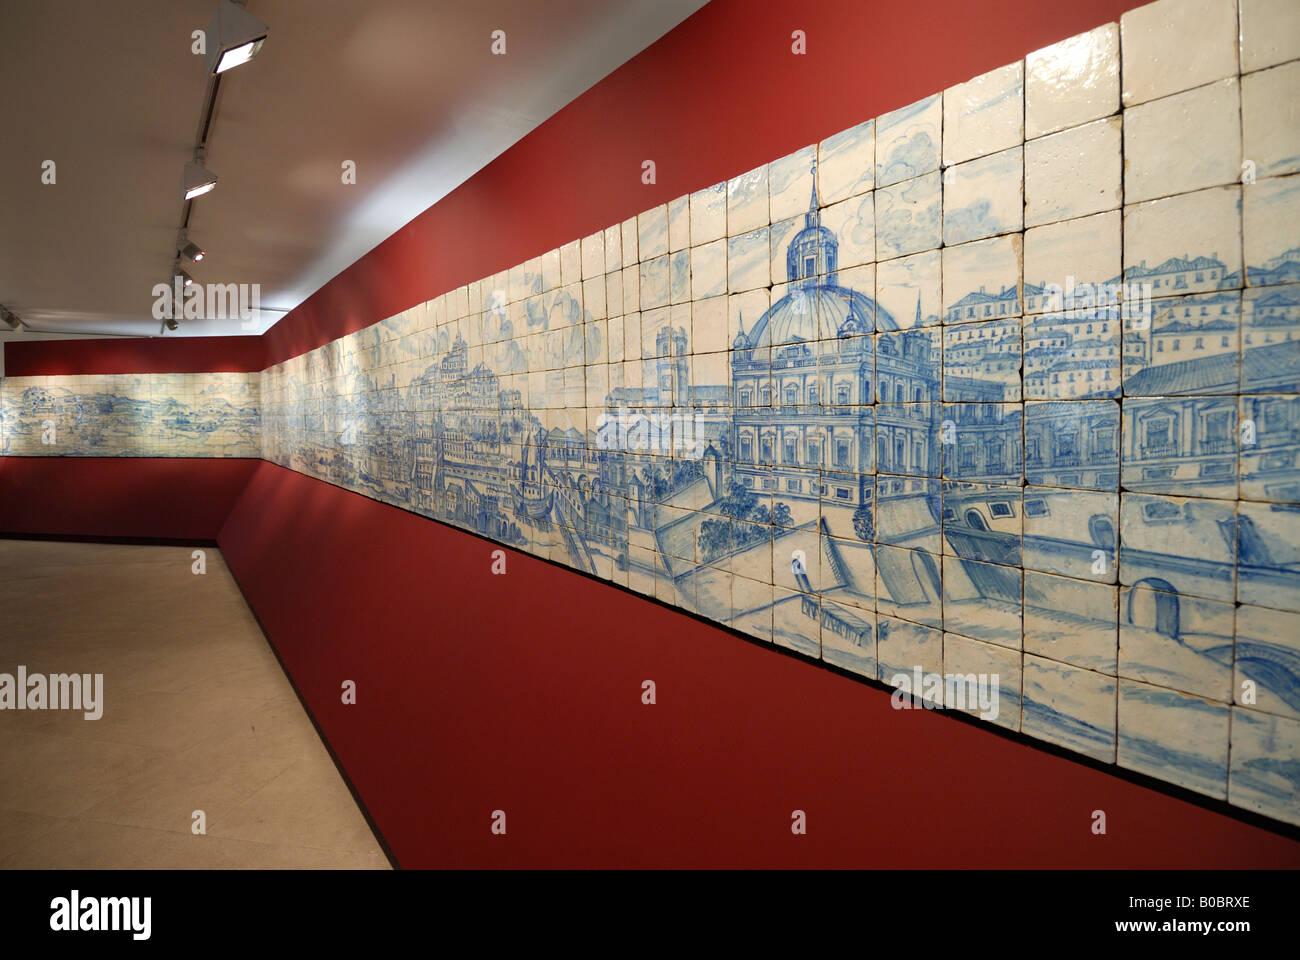 Perfekt Lissabon Portugal Panorama Von Lissabon In Der Museu Nacional Azulejo  National Museum Von Fliesen